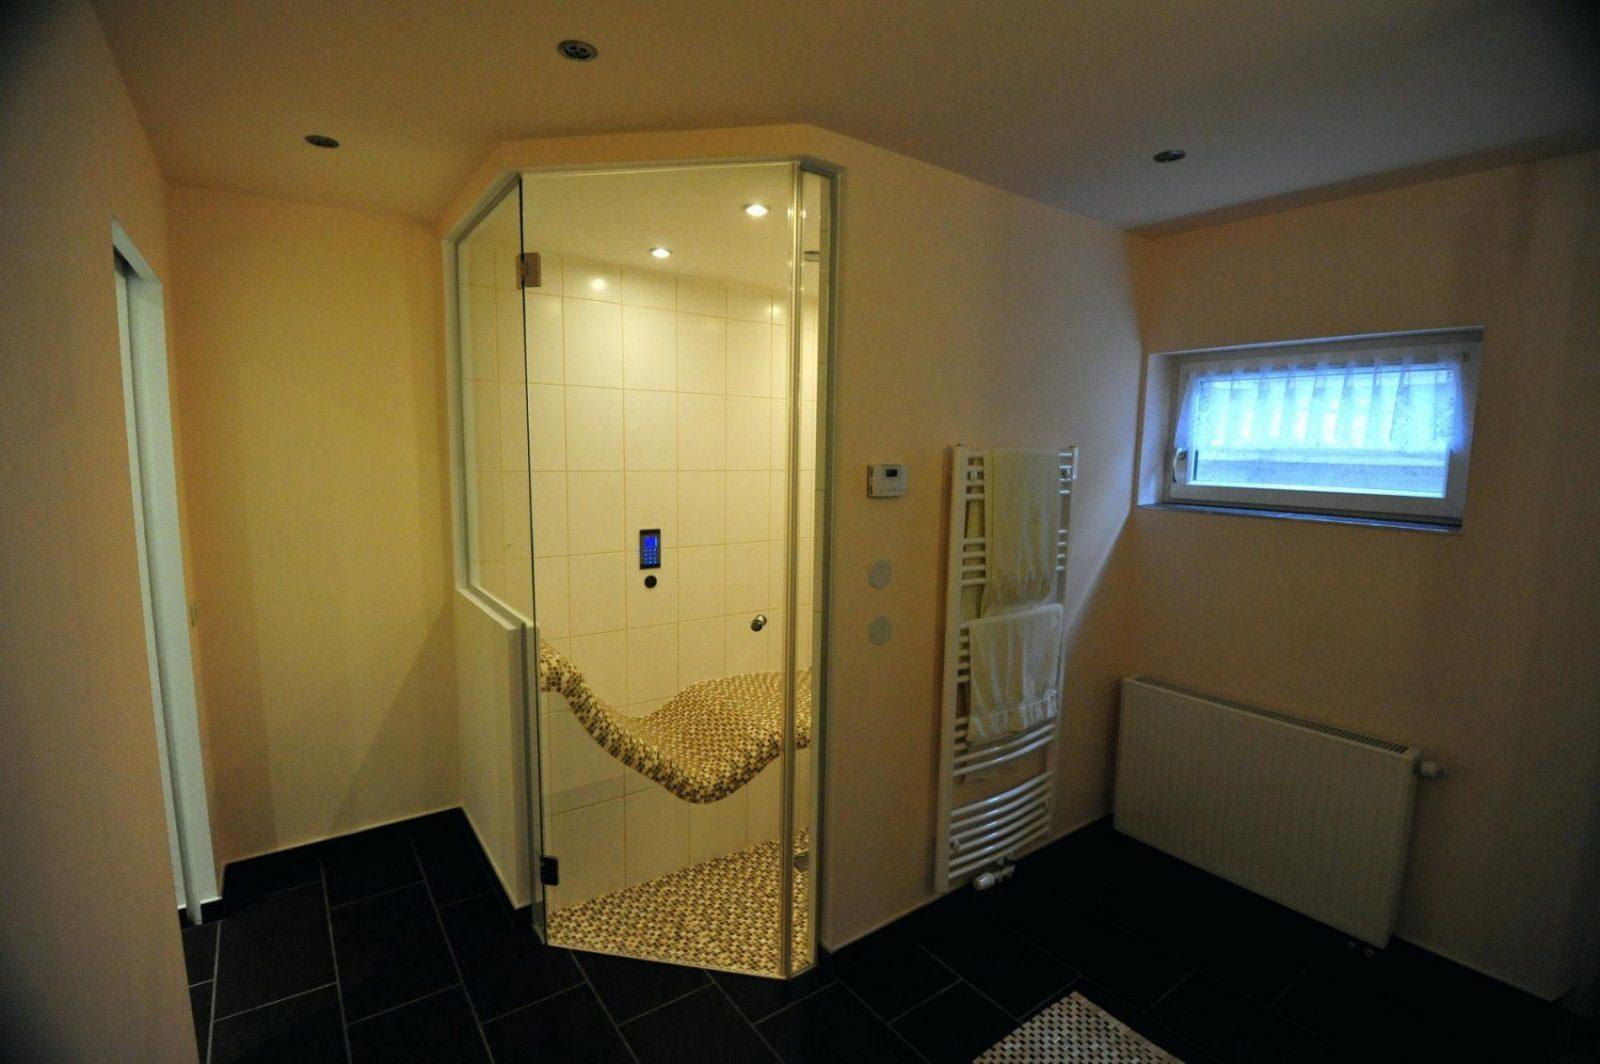 Dampfbad Selber Bauen Steam Bath Sauna Im Keller Sole Romisches von Sauna Im Keller Selber Bauen Bild